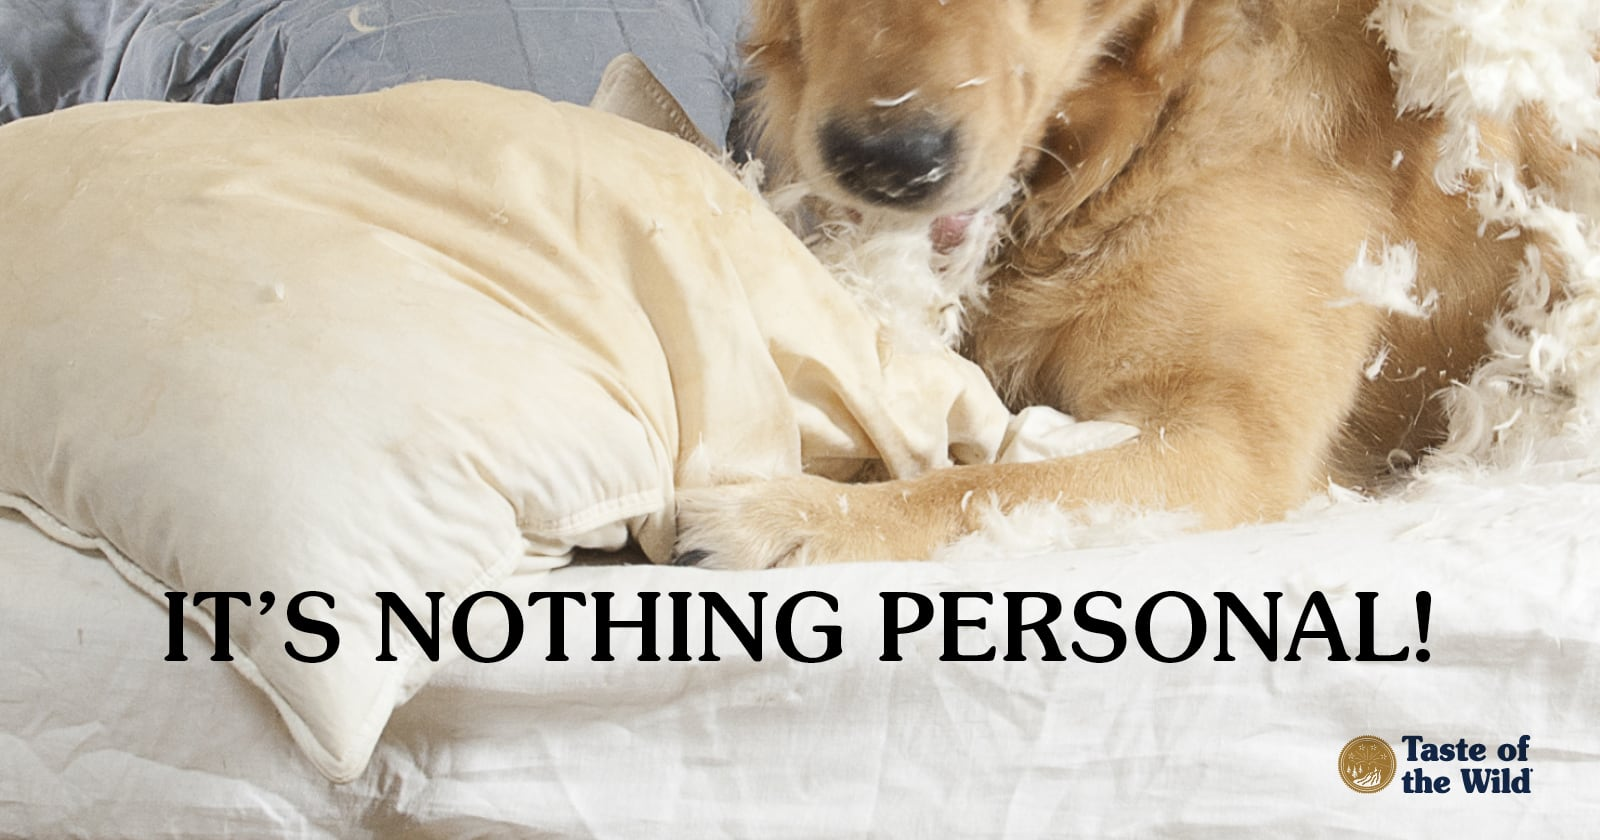 Golden Retriever dog tearing up pillow